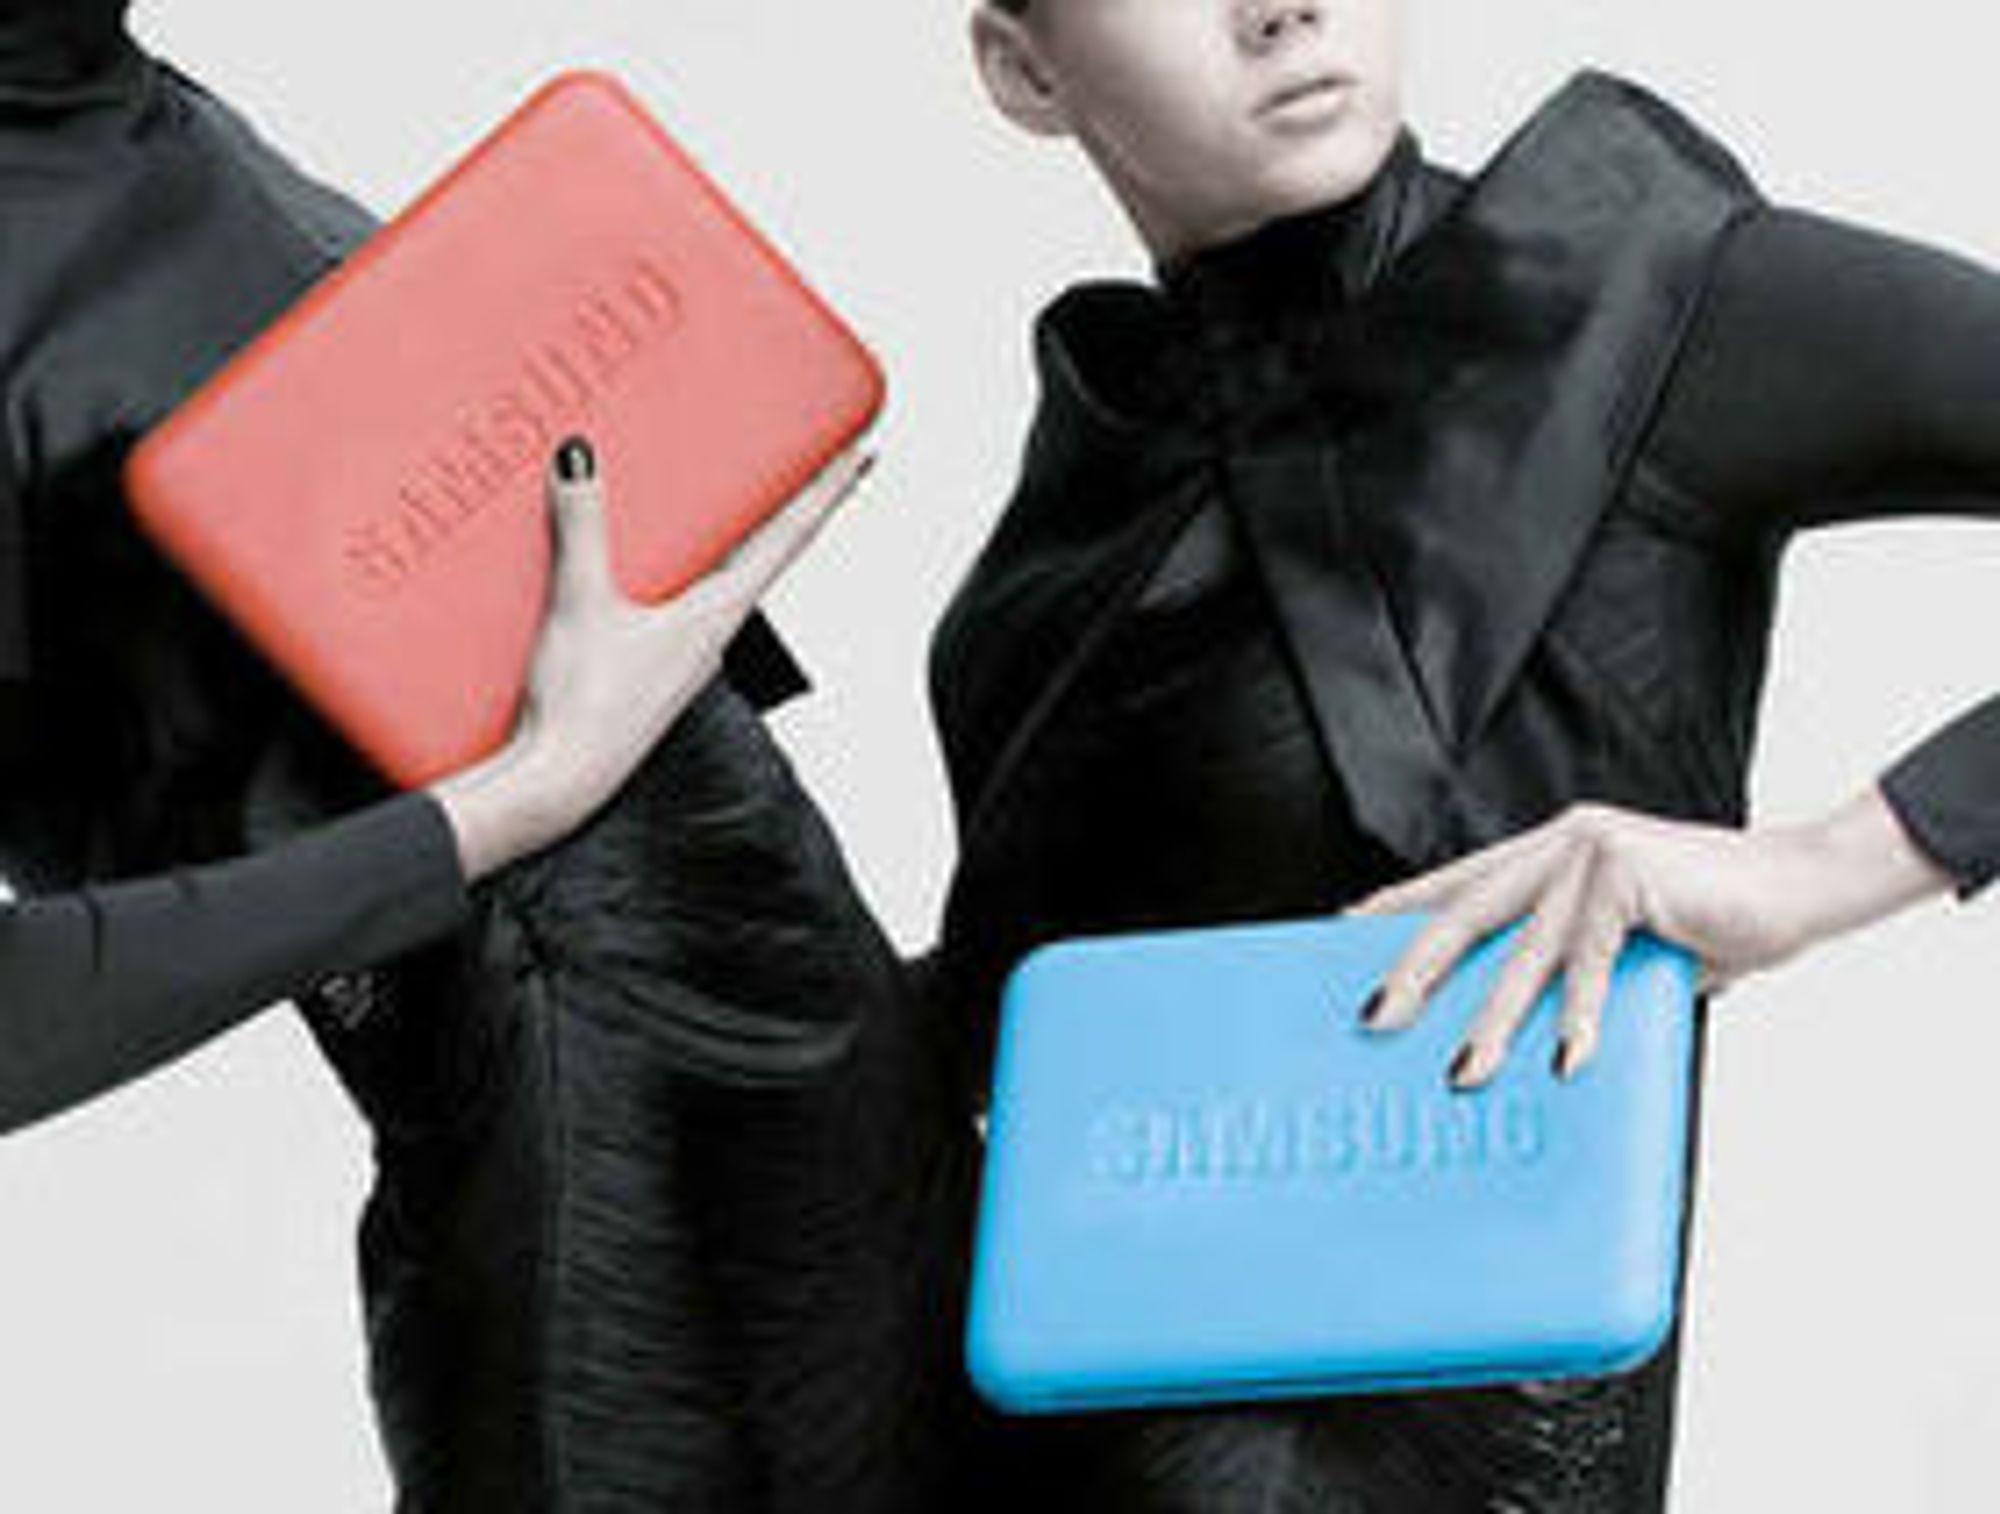 Det var ikke måte på hvor hippe og trendy miniatyrmaskinene skulle være, som denne netbooken fra Samsung i 2009.